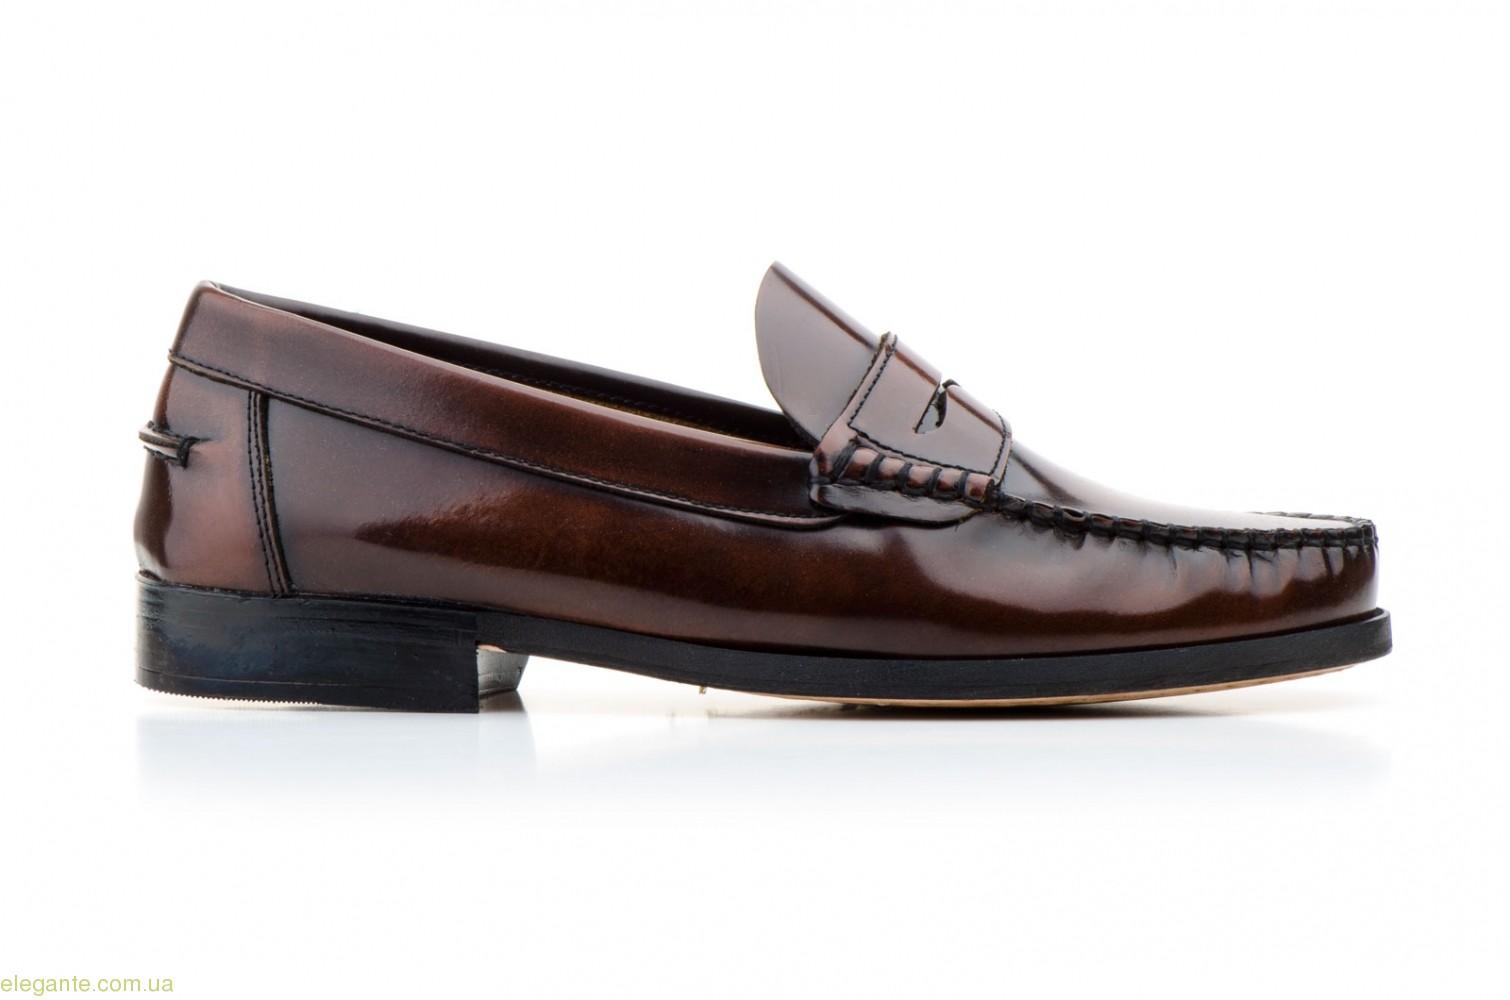 Чоловічі туфлі DIGO DIGO2 коричневі 0